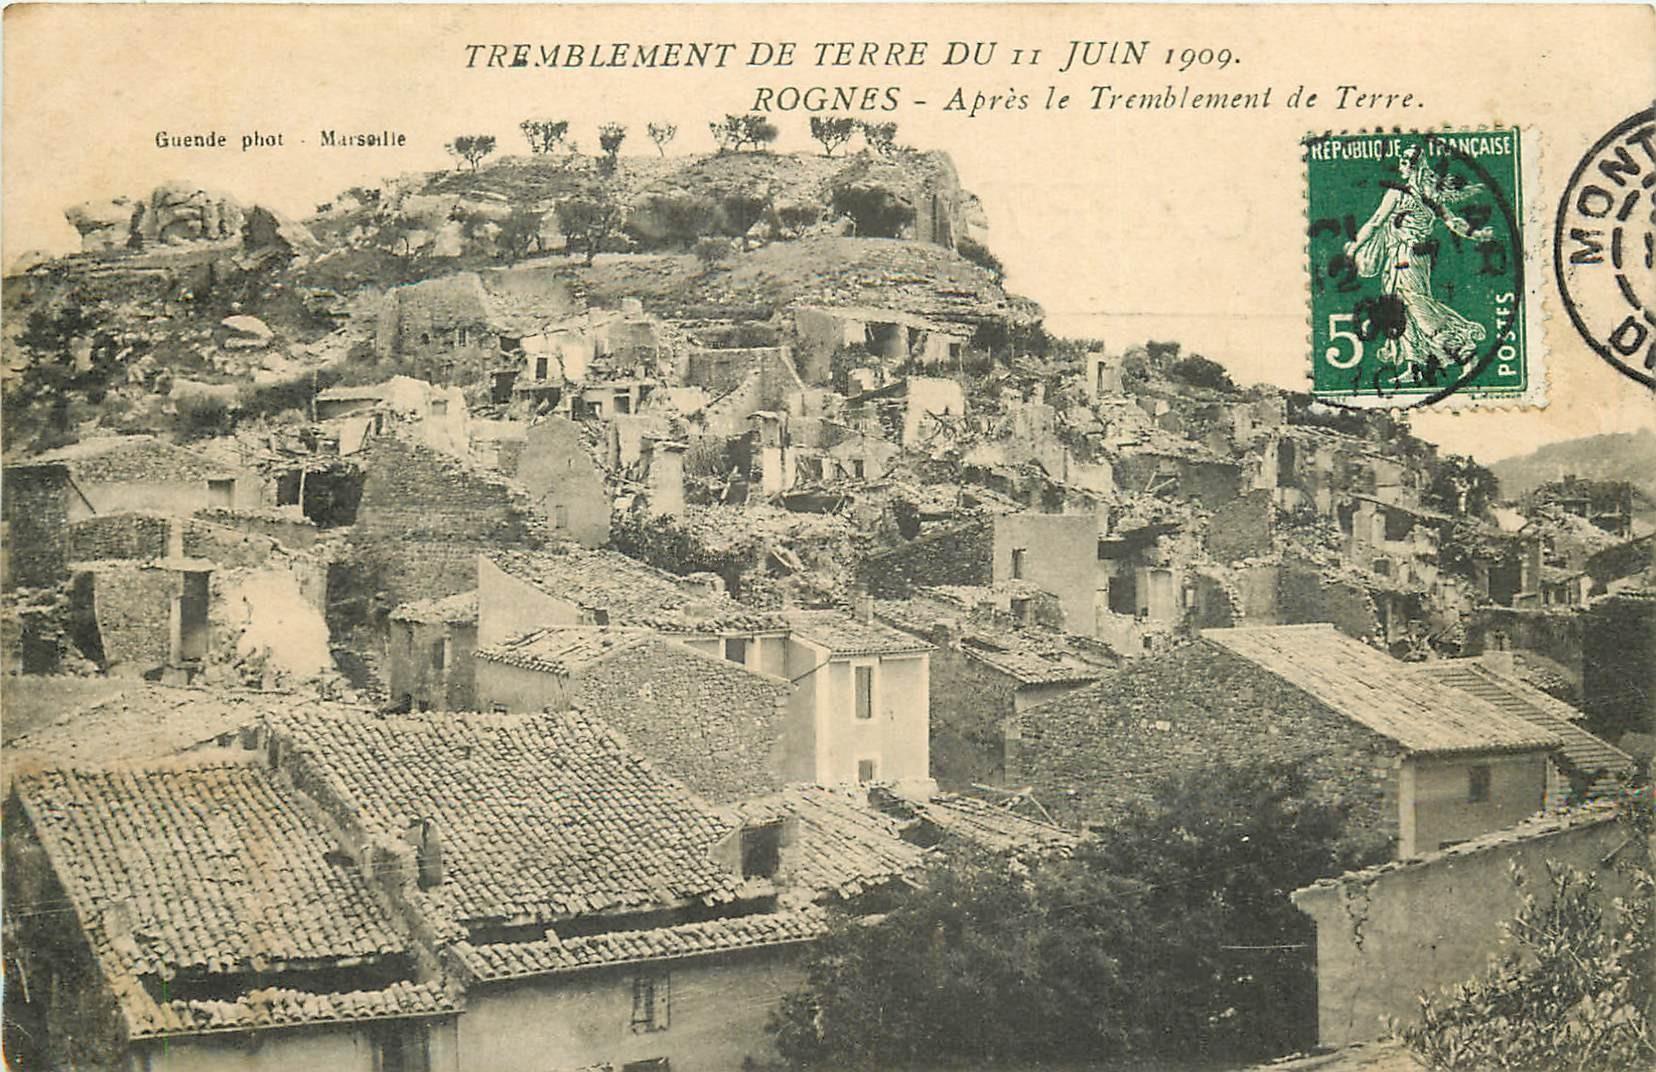 13 ROGNES. Après le Tremblement de Terre de 1909